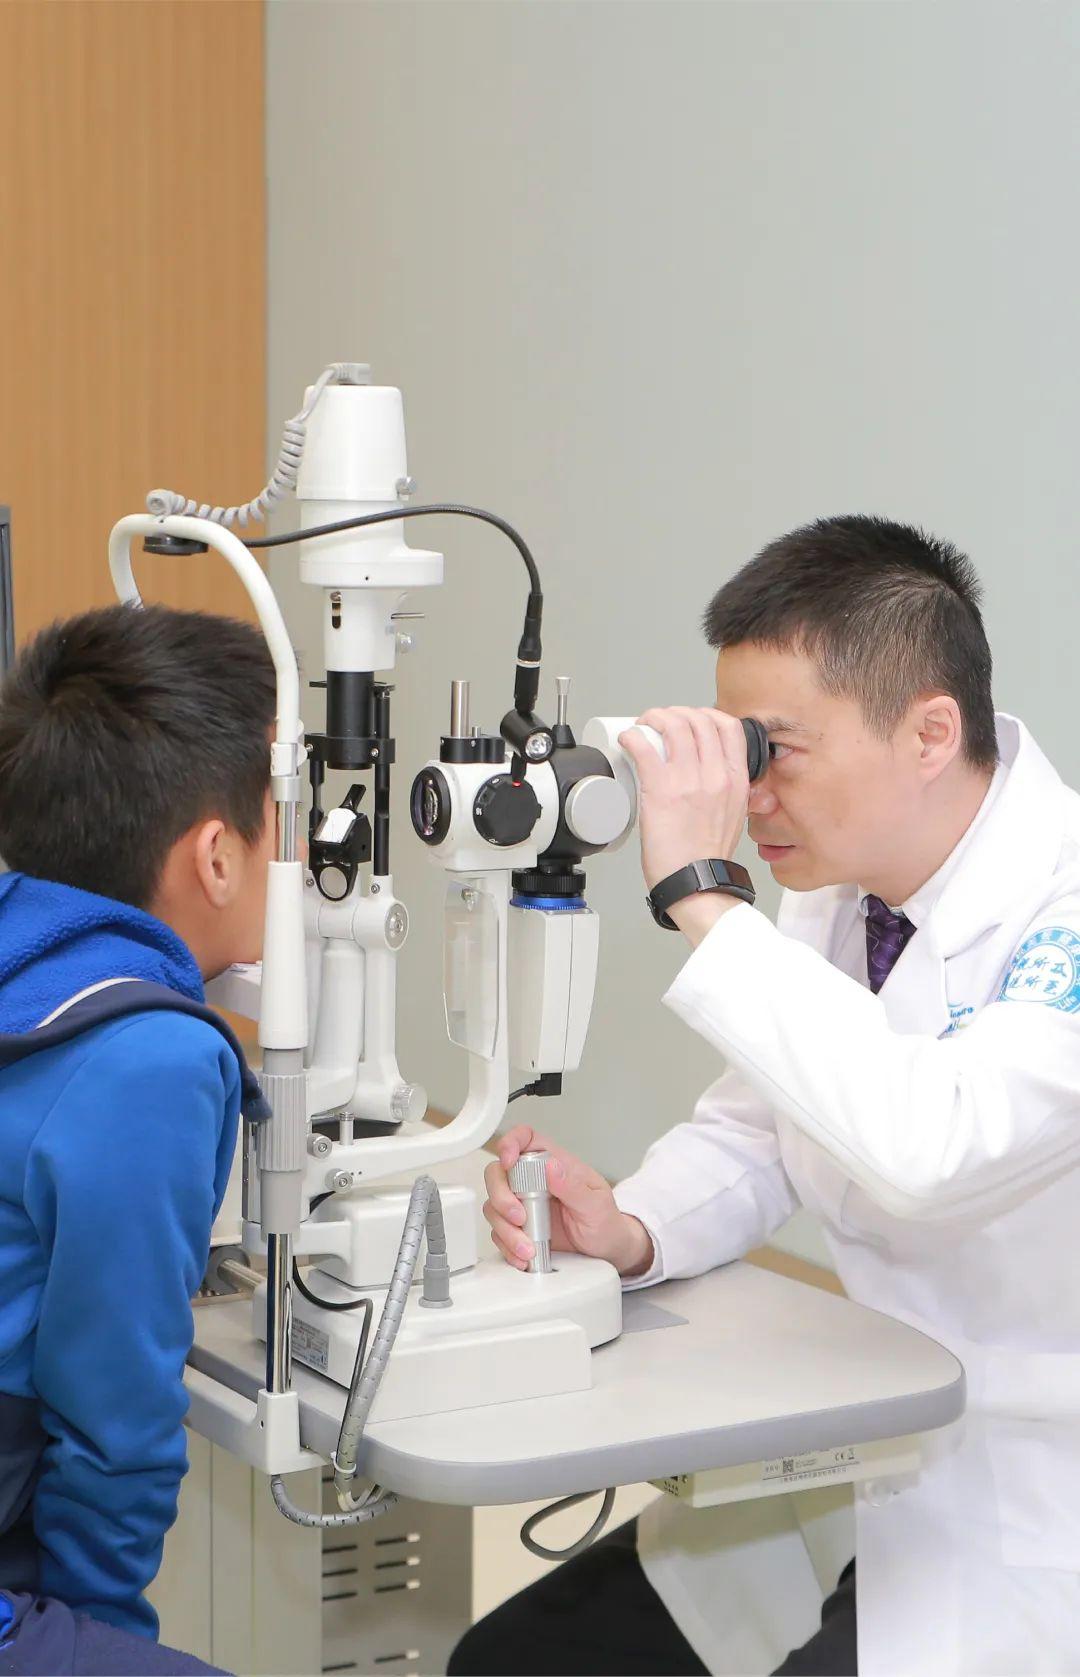 热烈祝贺上海美视美景眼科门诊部梅颖院长荣获「闵行区优秀医师」称号